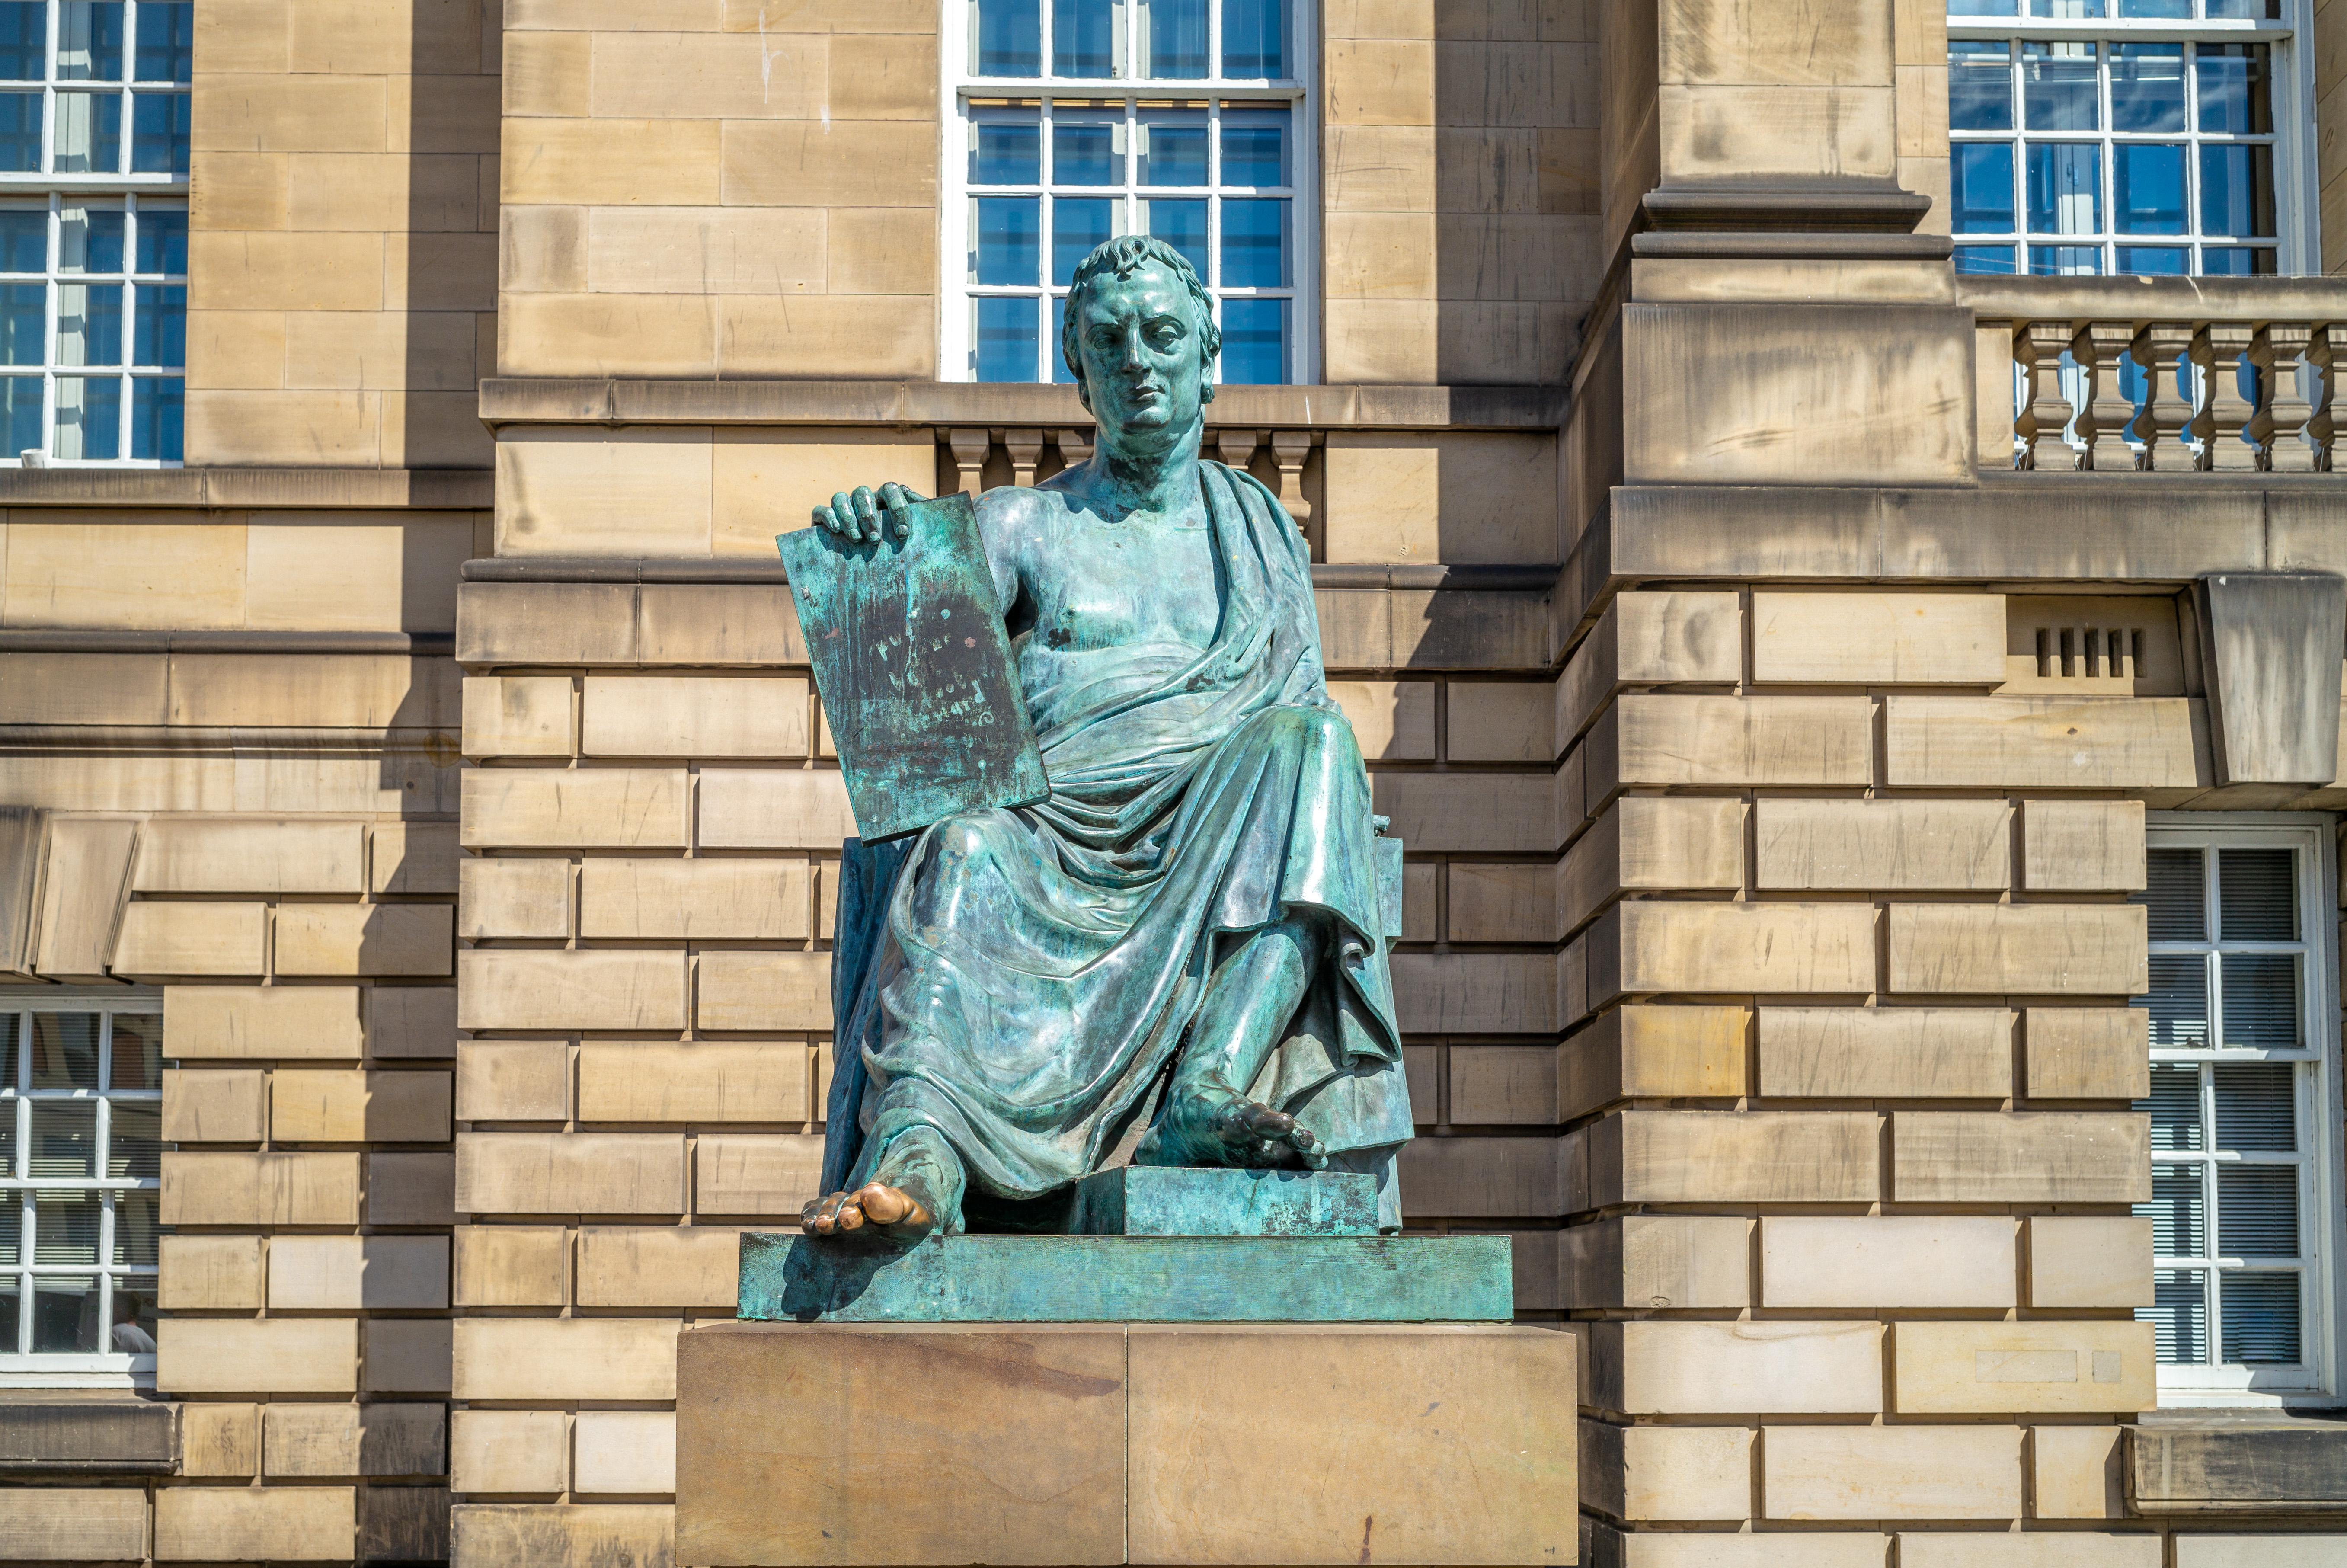 David Hume statue Edinburgh